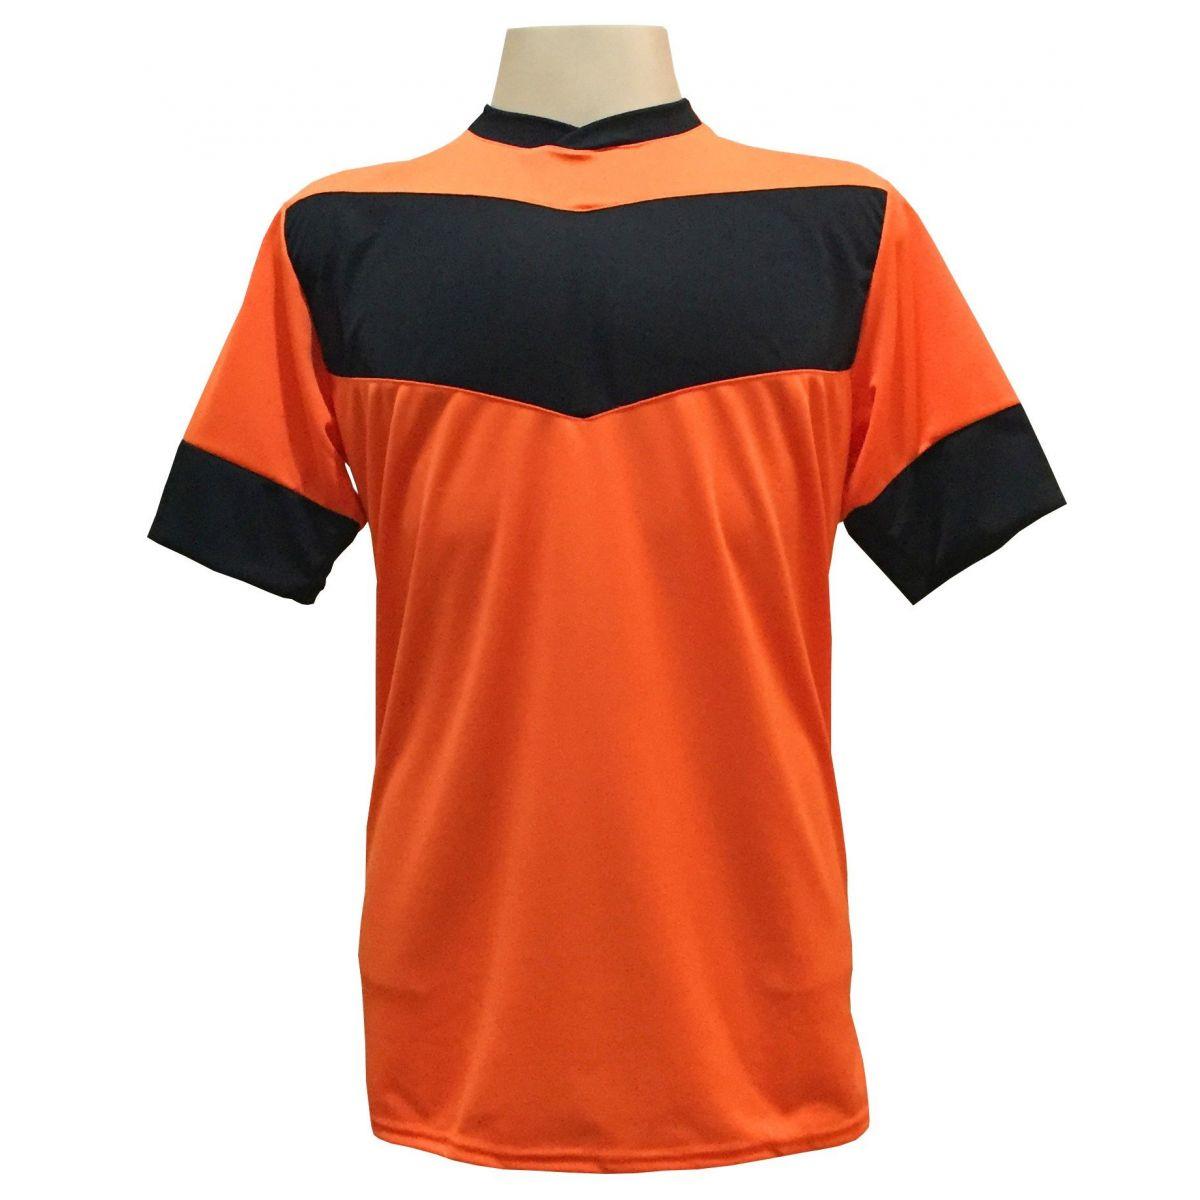 Fardamento Completo modelo Columbus 18+2 (18 Camisas Laranja/Preto + 18 Calções Madrid Preto + 18 Pares de Meiões Pretos + 2 Conjuntos de Goleiro) + Brindes